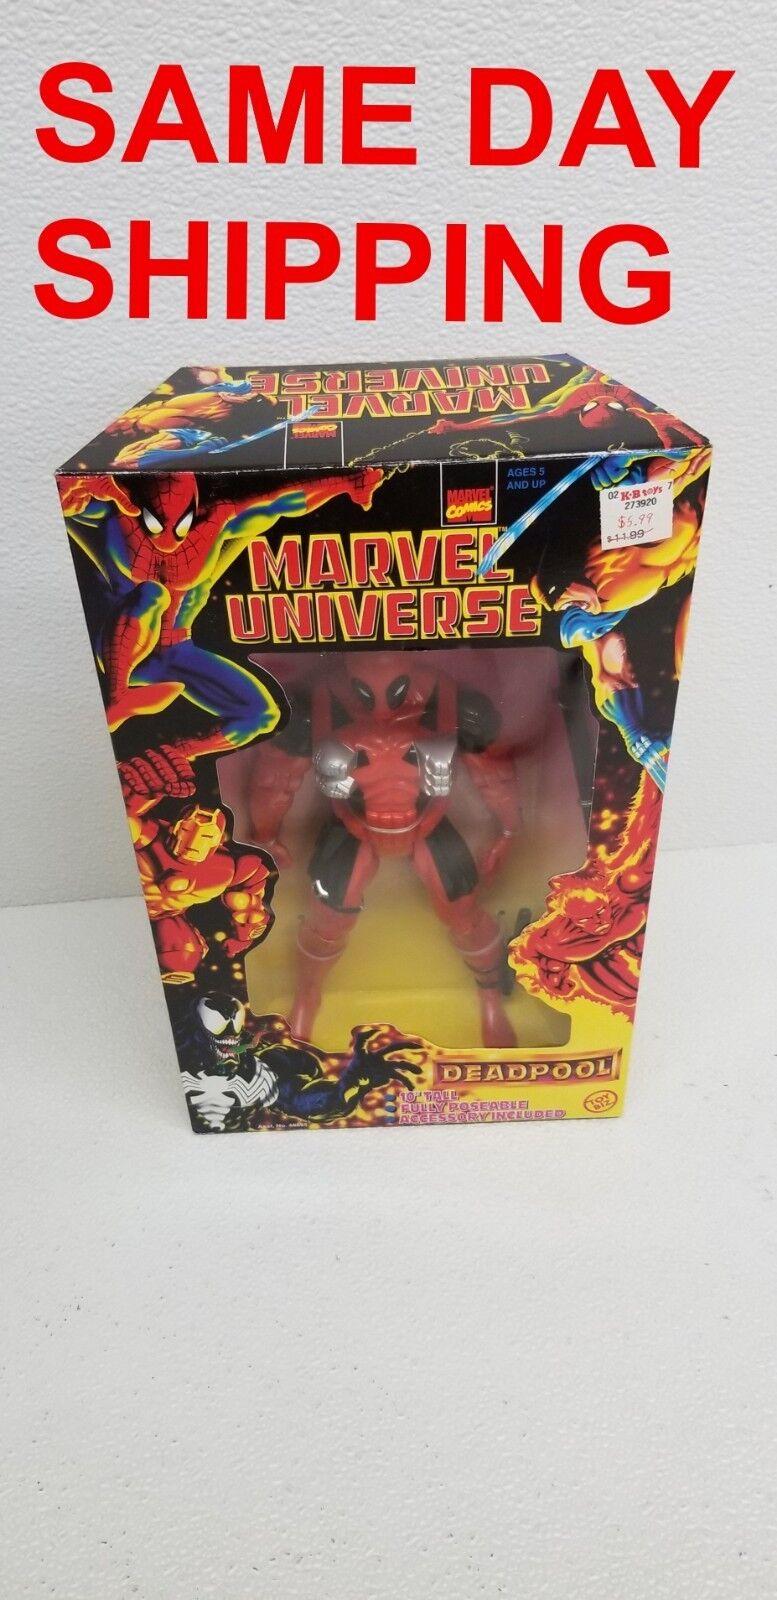 1997 MARVEL UNIVERSE DEADPOOL  48696 ITEM S5